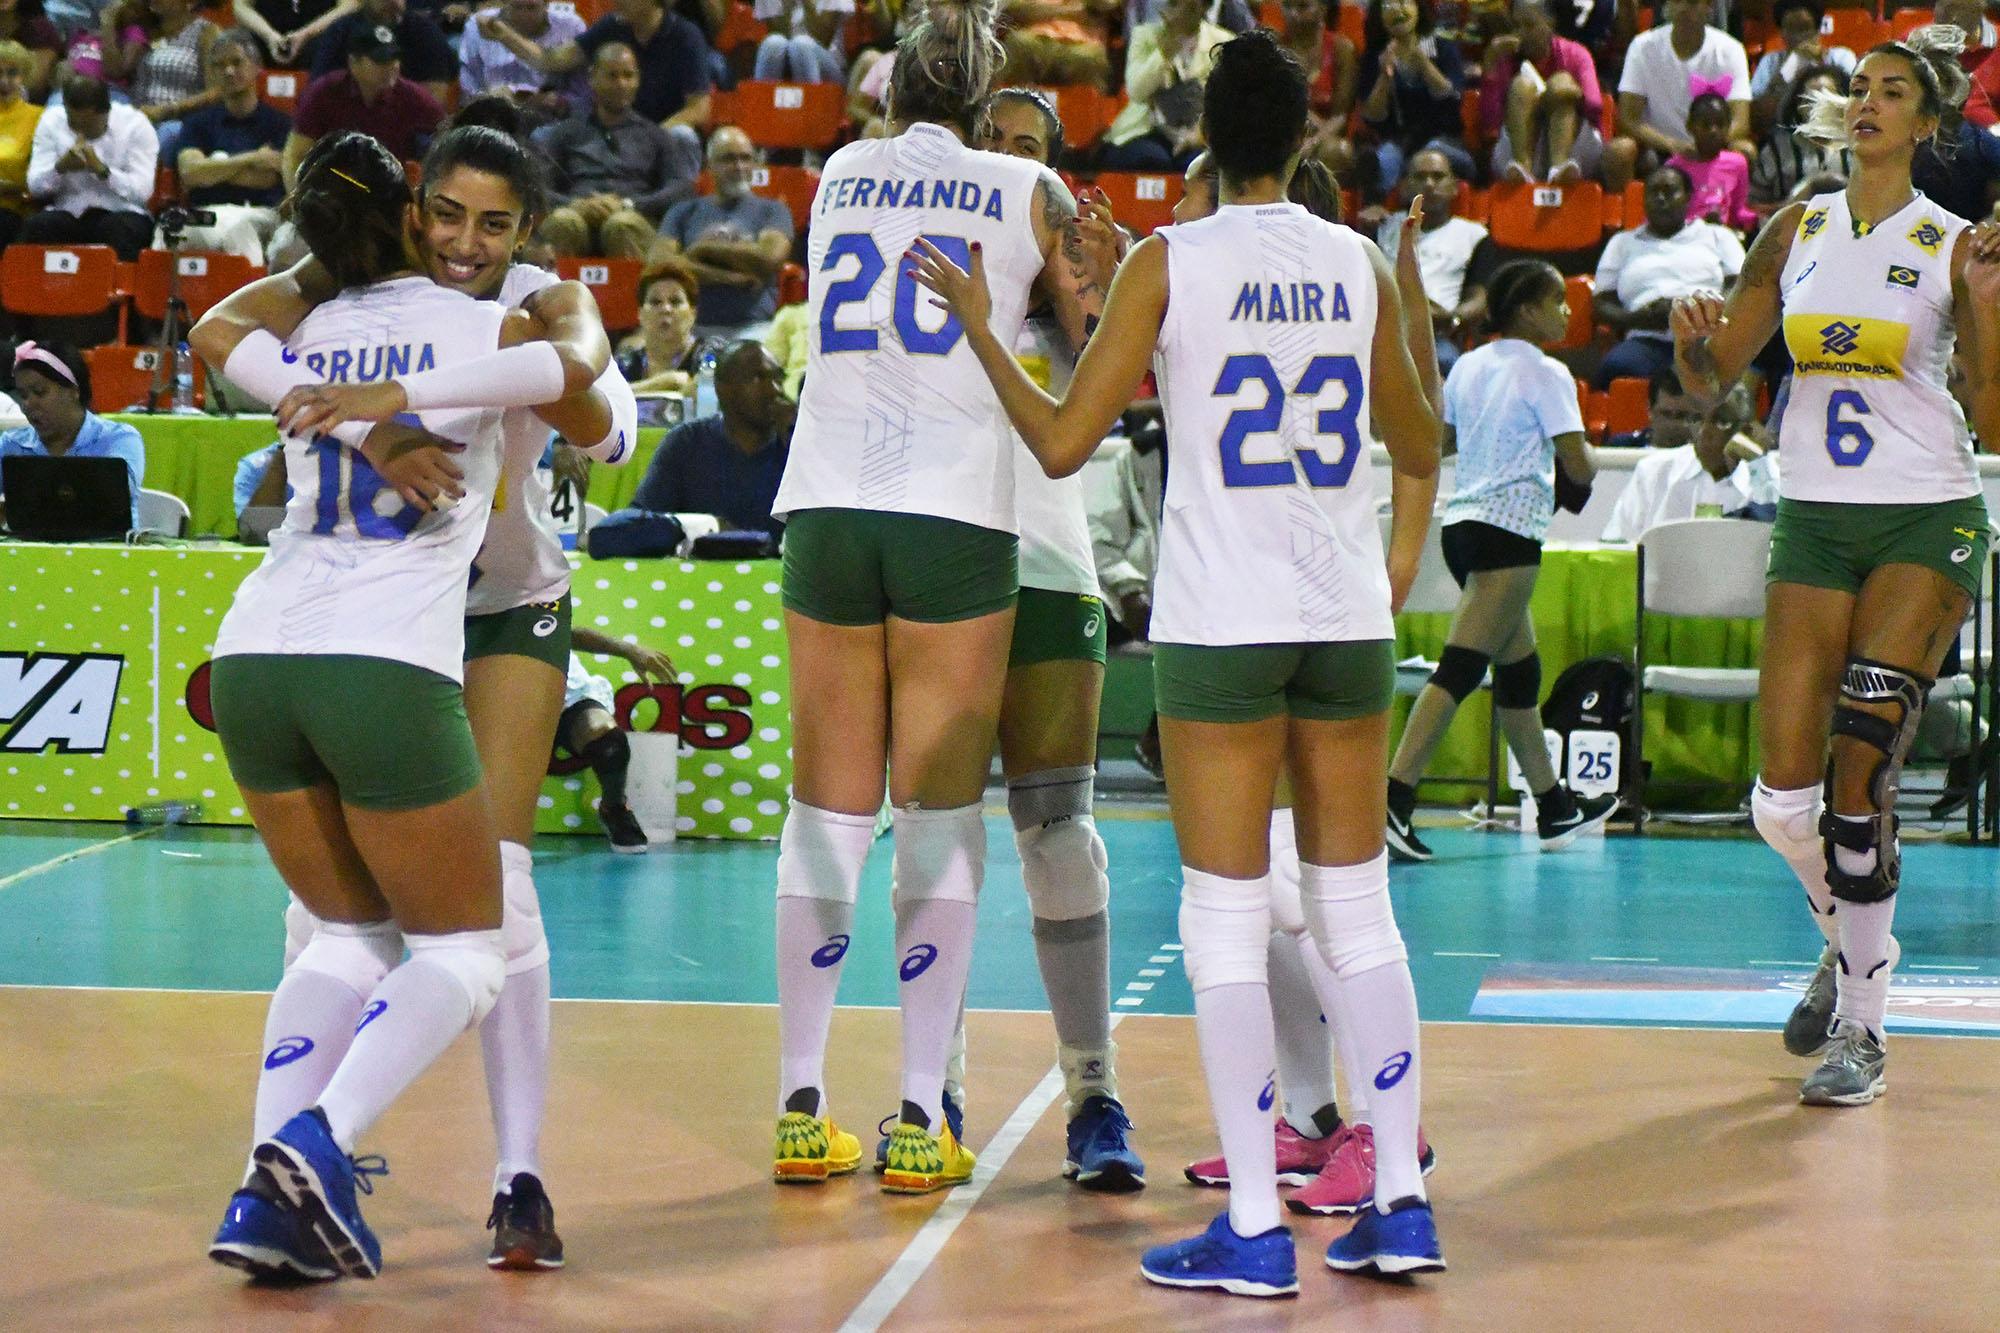 Em busca da final, Brasil duela com República Dominicana